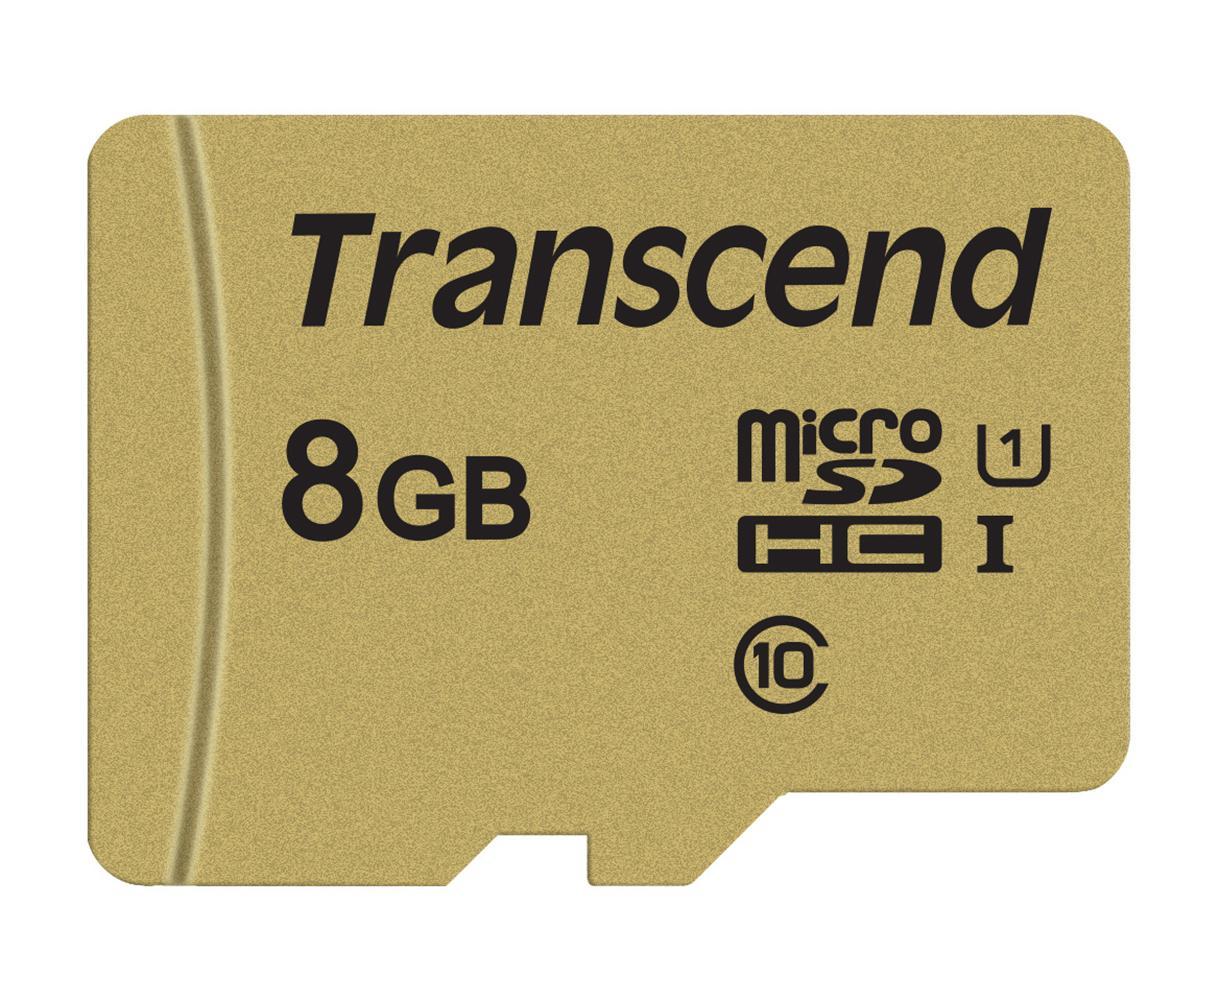 【正規国内販売代理店】トランセンド 8GB UHS-I U1 microSDHCカード TS8GUSD500S